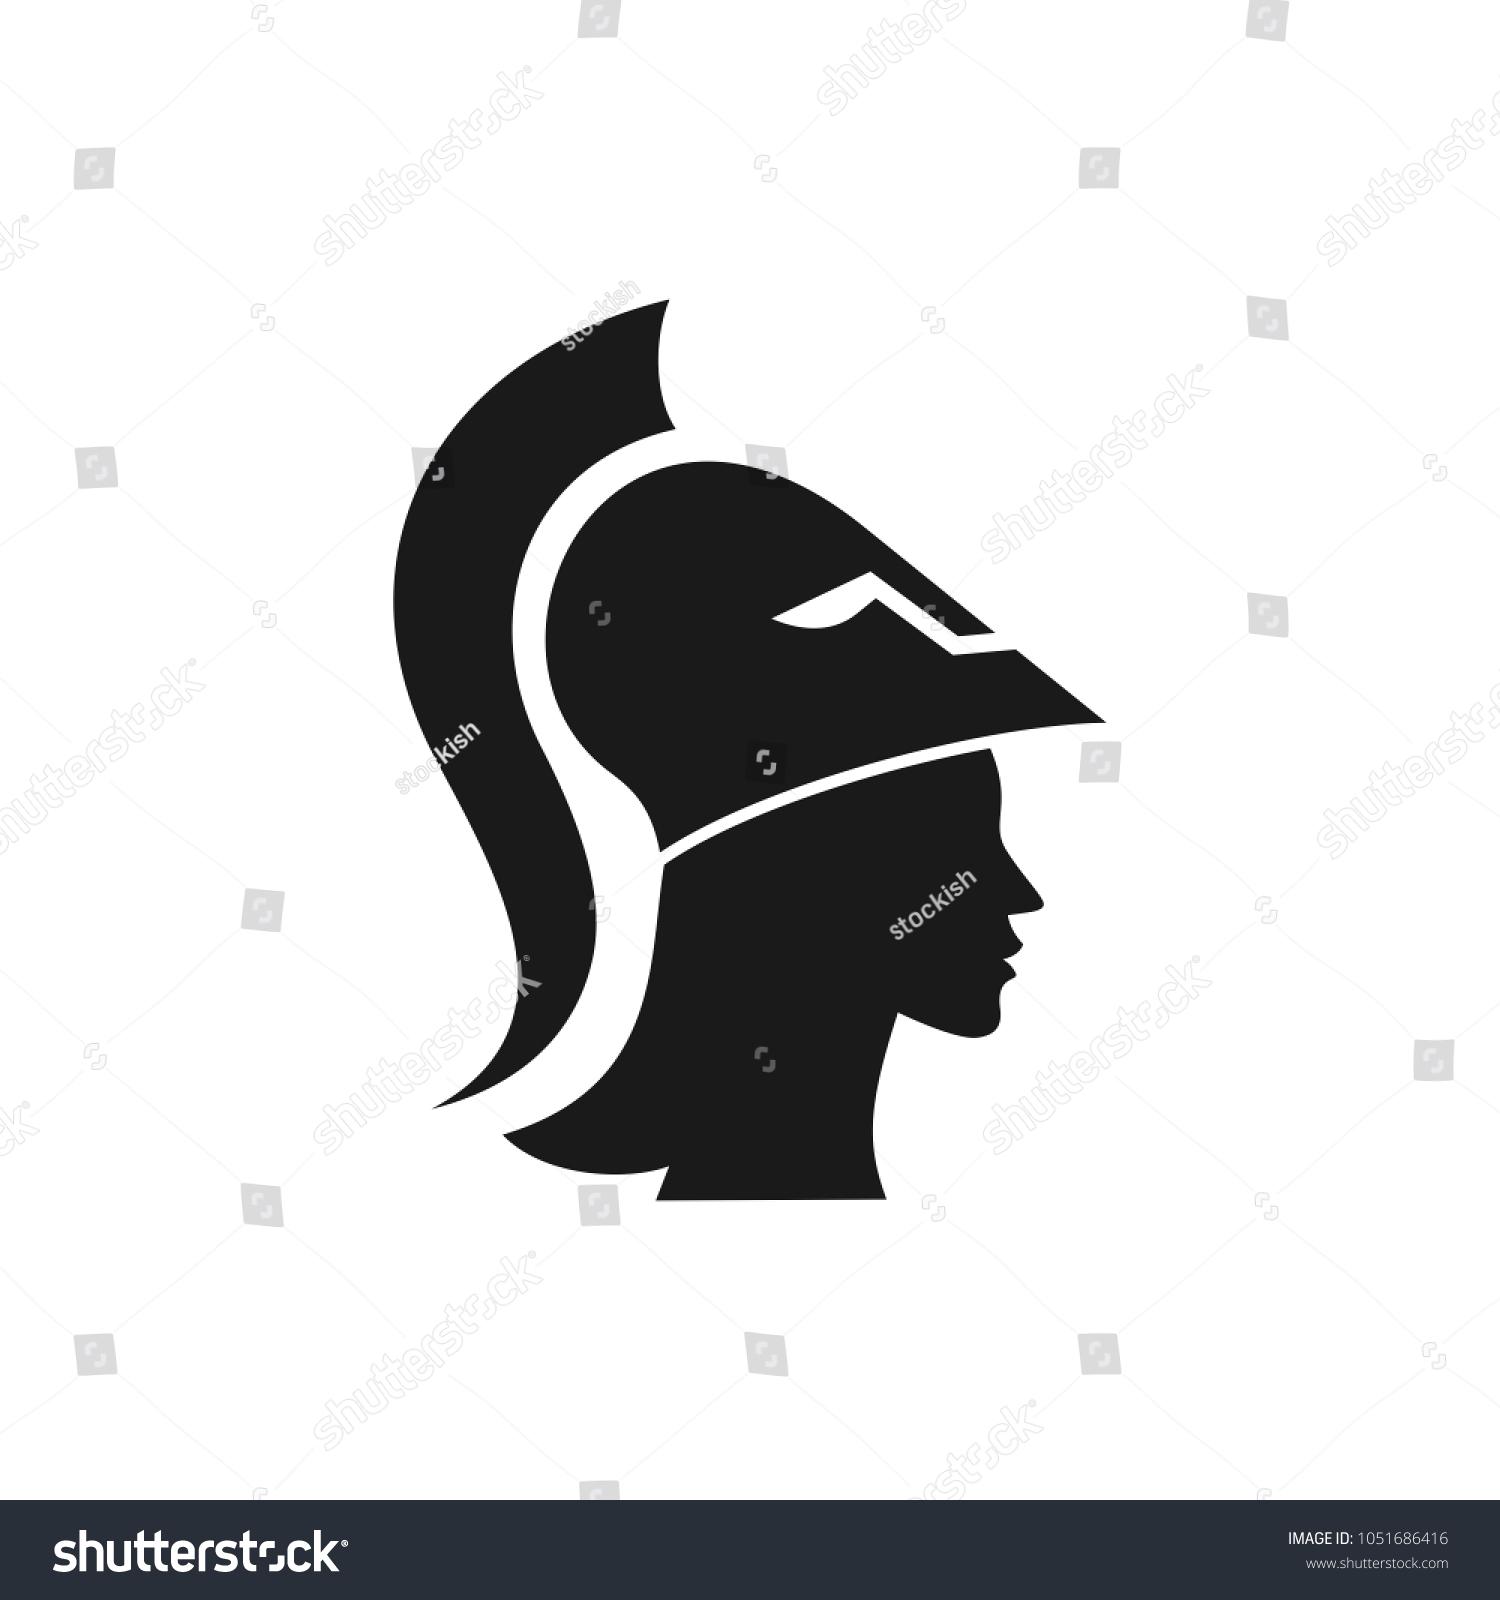 Athena symbol vector logo stock vector 1051686416 shutterstock athena symbol vector logo biocorpaavc Images